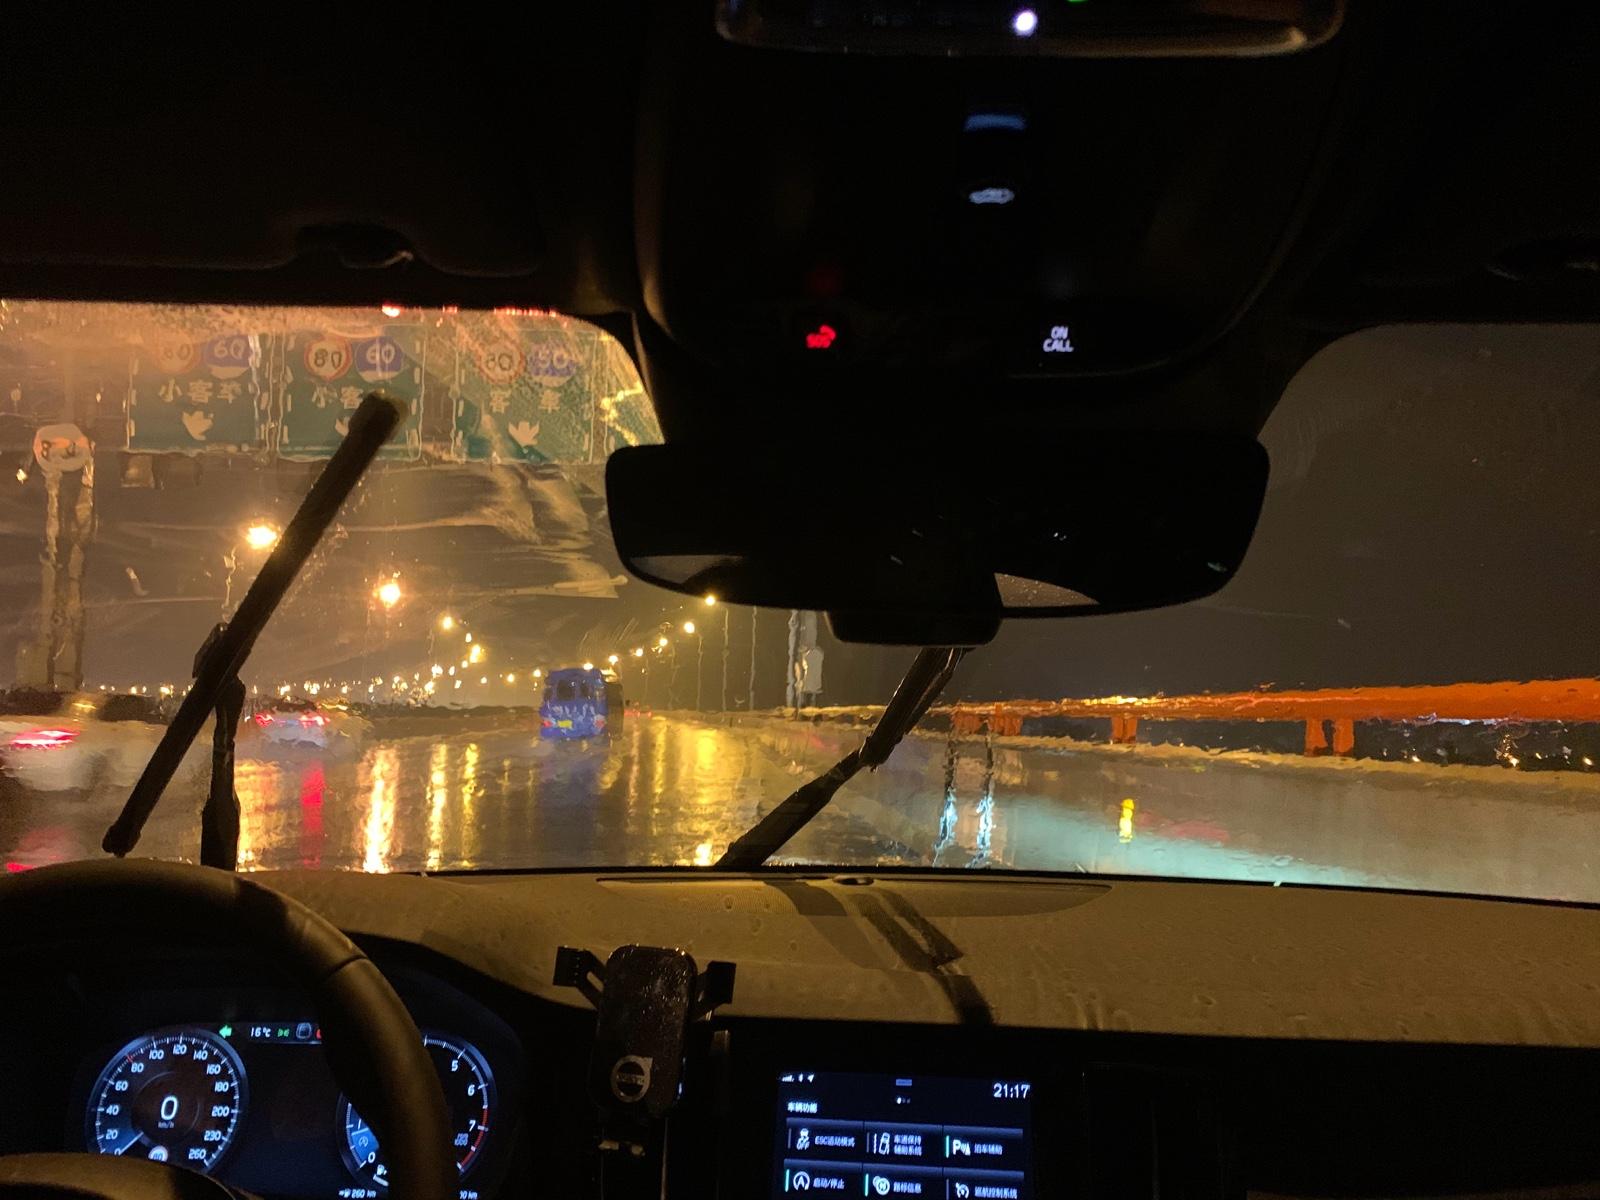 下雨天沃尔沃雨刷器卡住 警示车灯全亮方向盘无法拧动